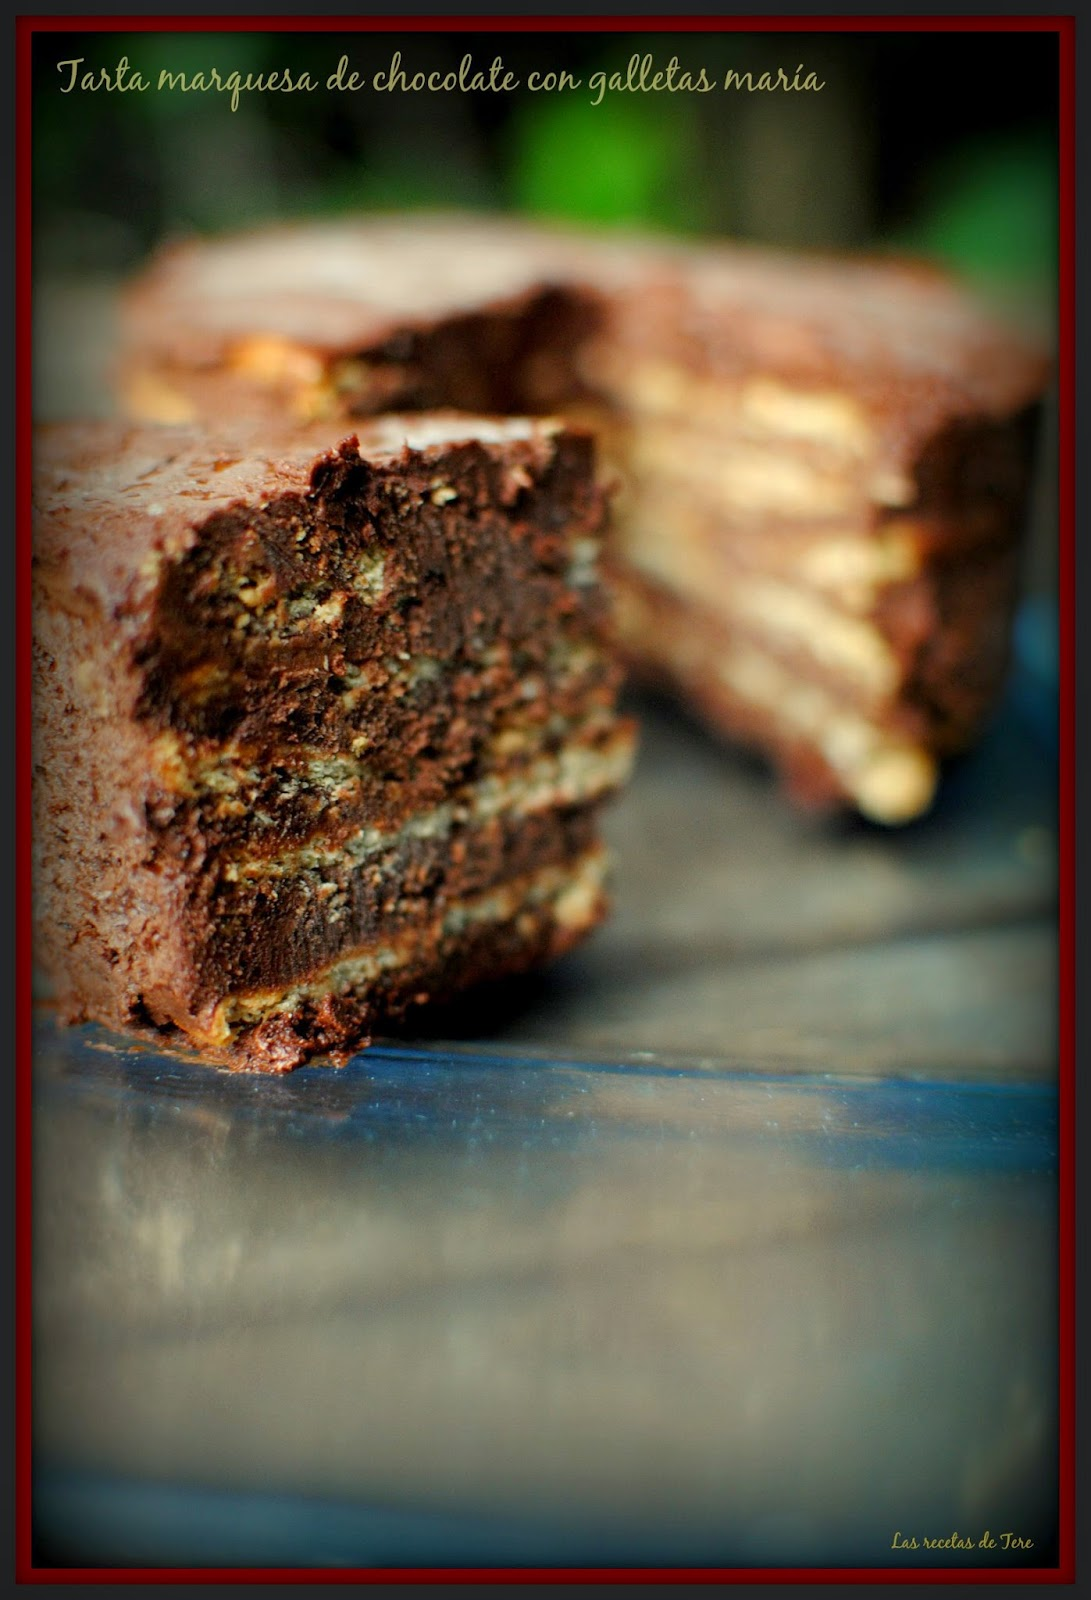 tarta marquesa de chocolate con galletas maría tererecetas 02